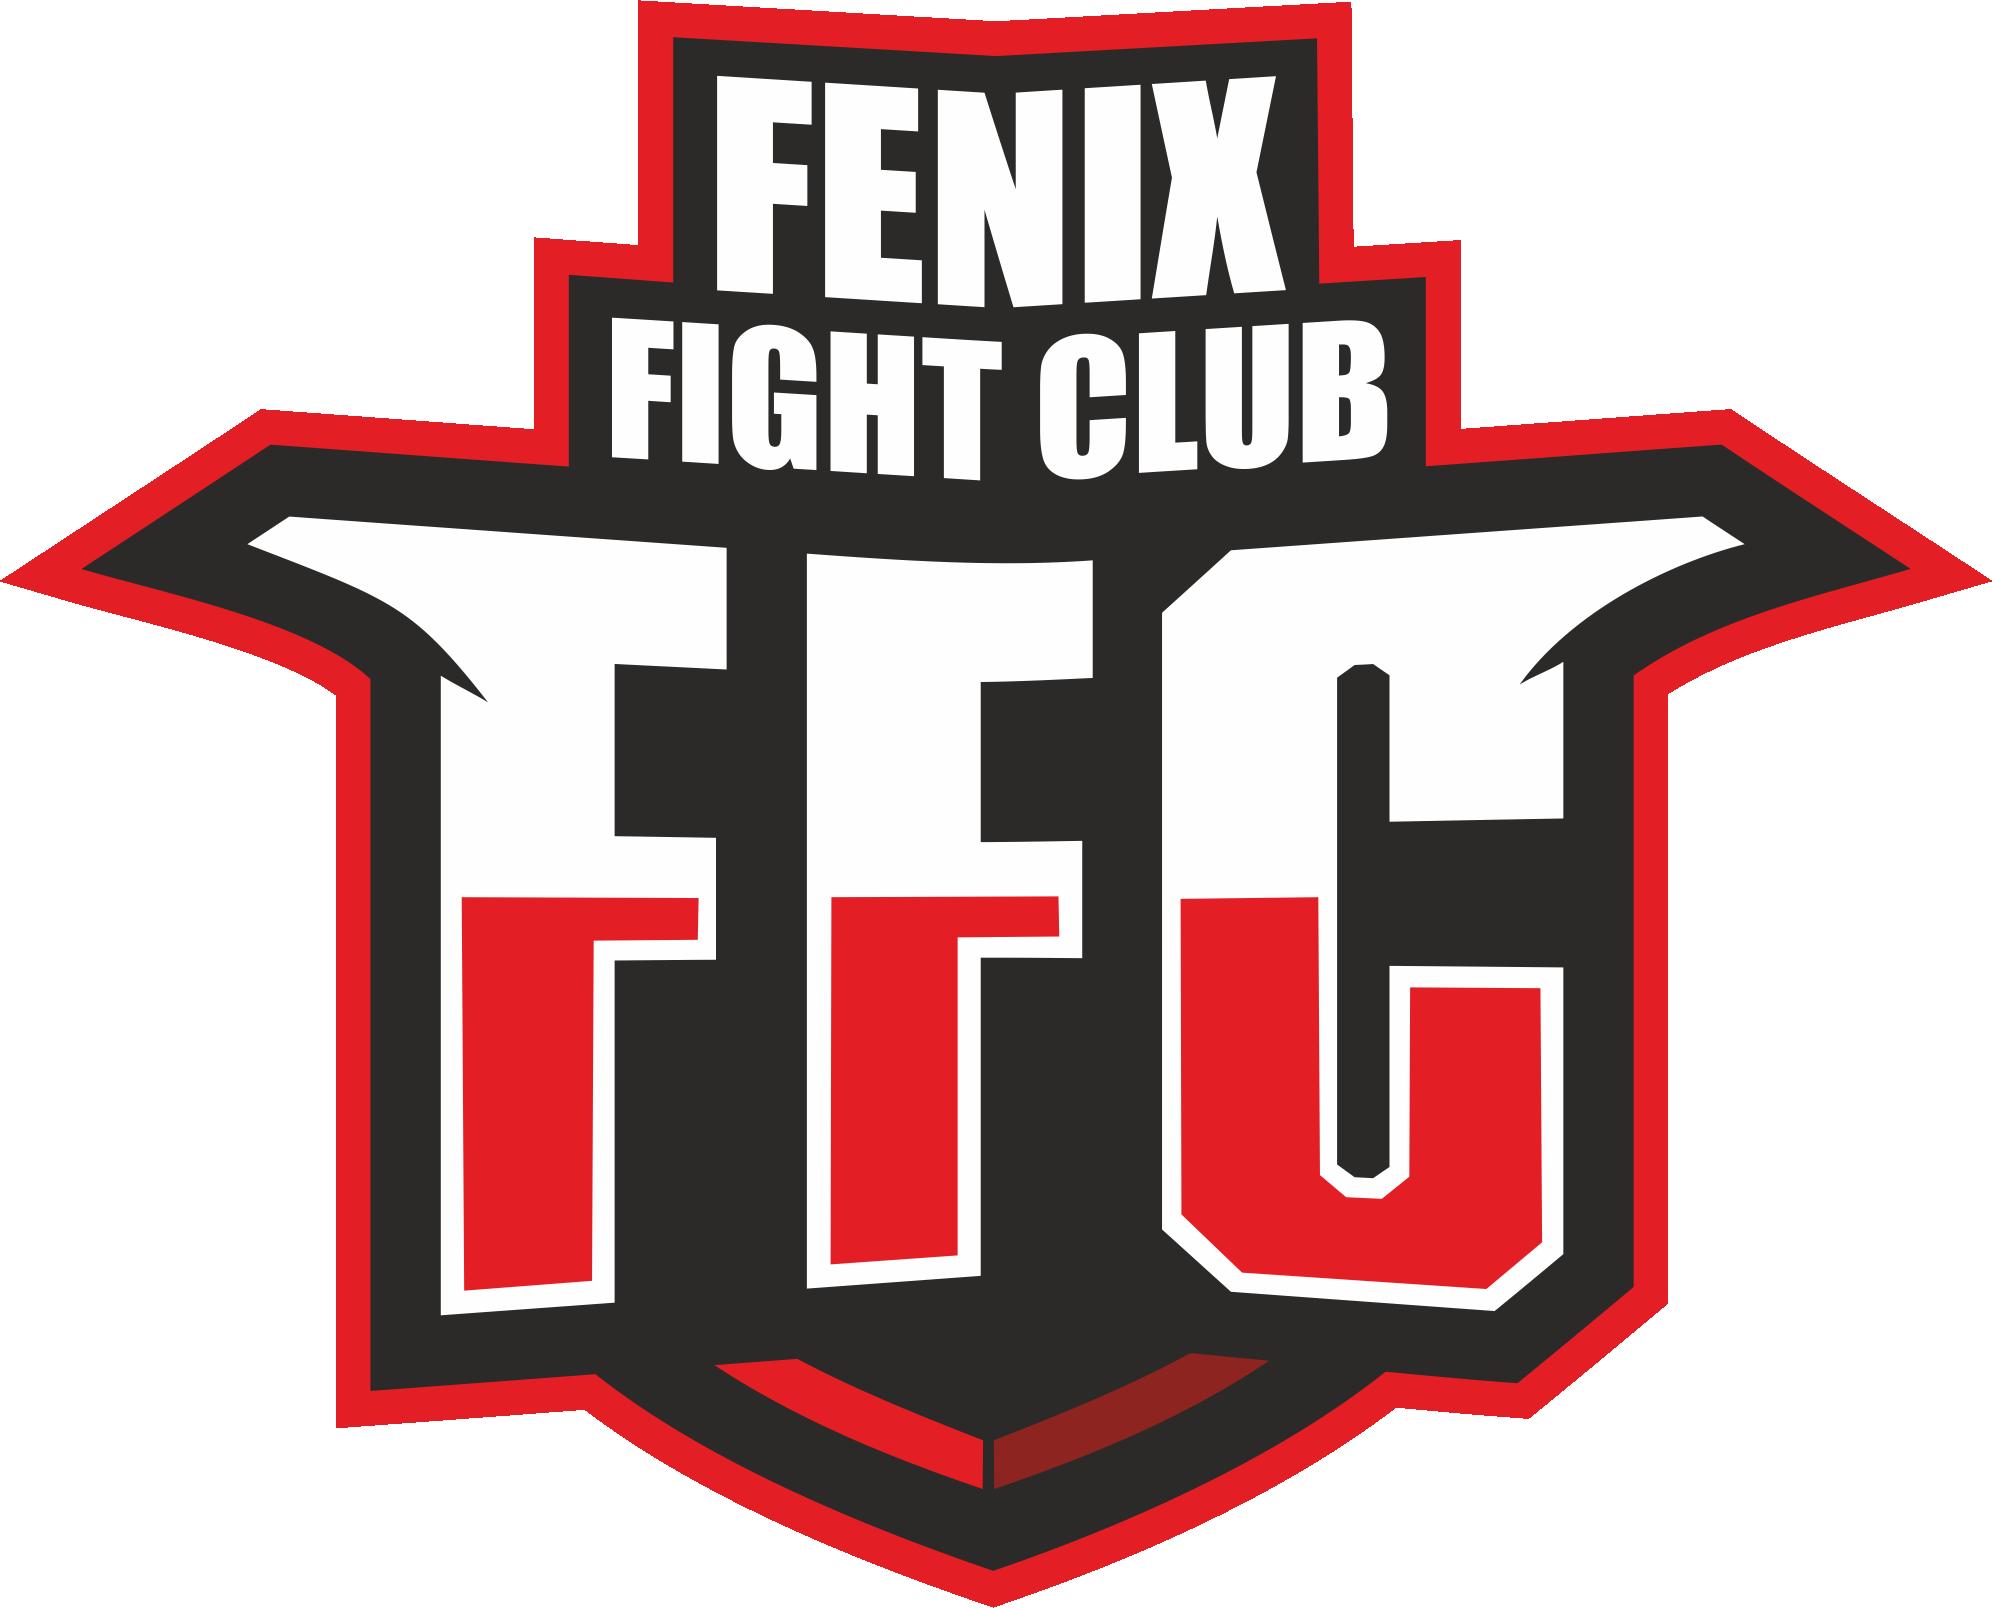 Fenix Fight Club